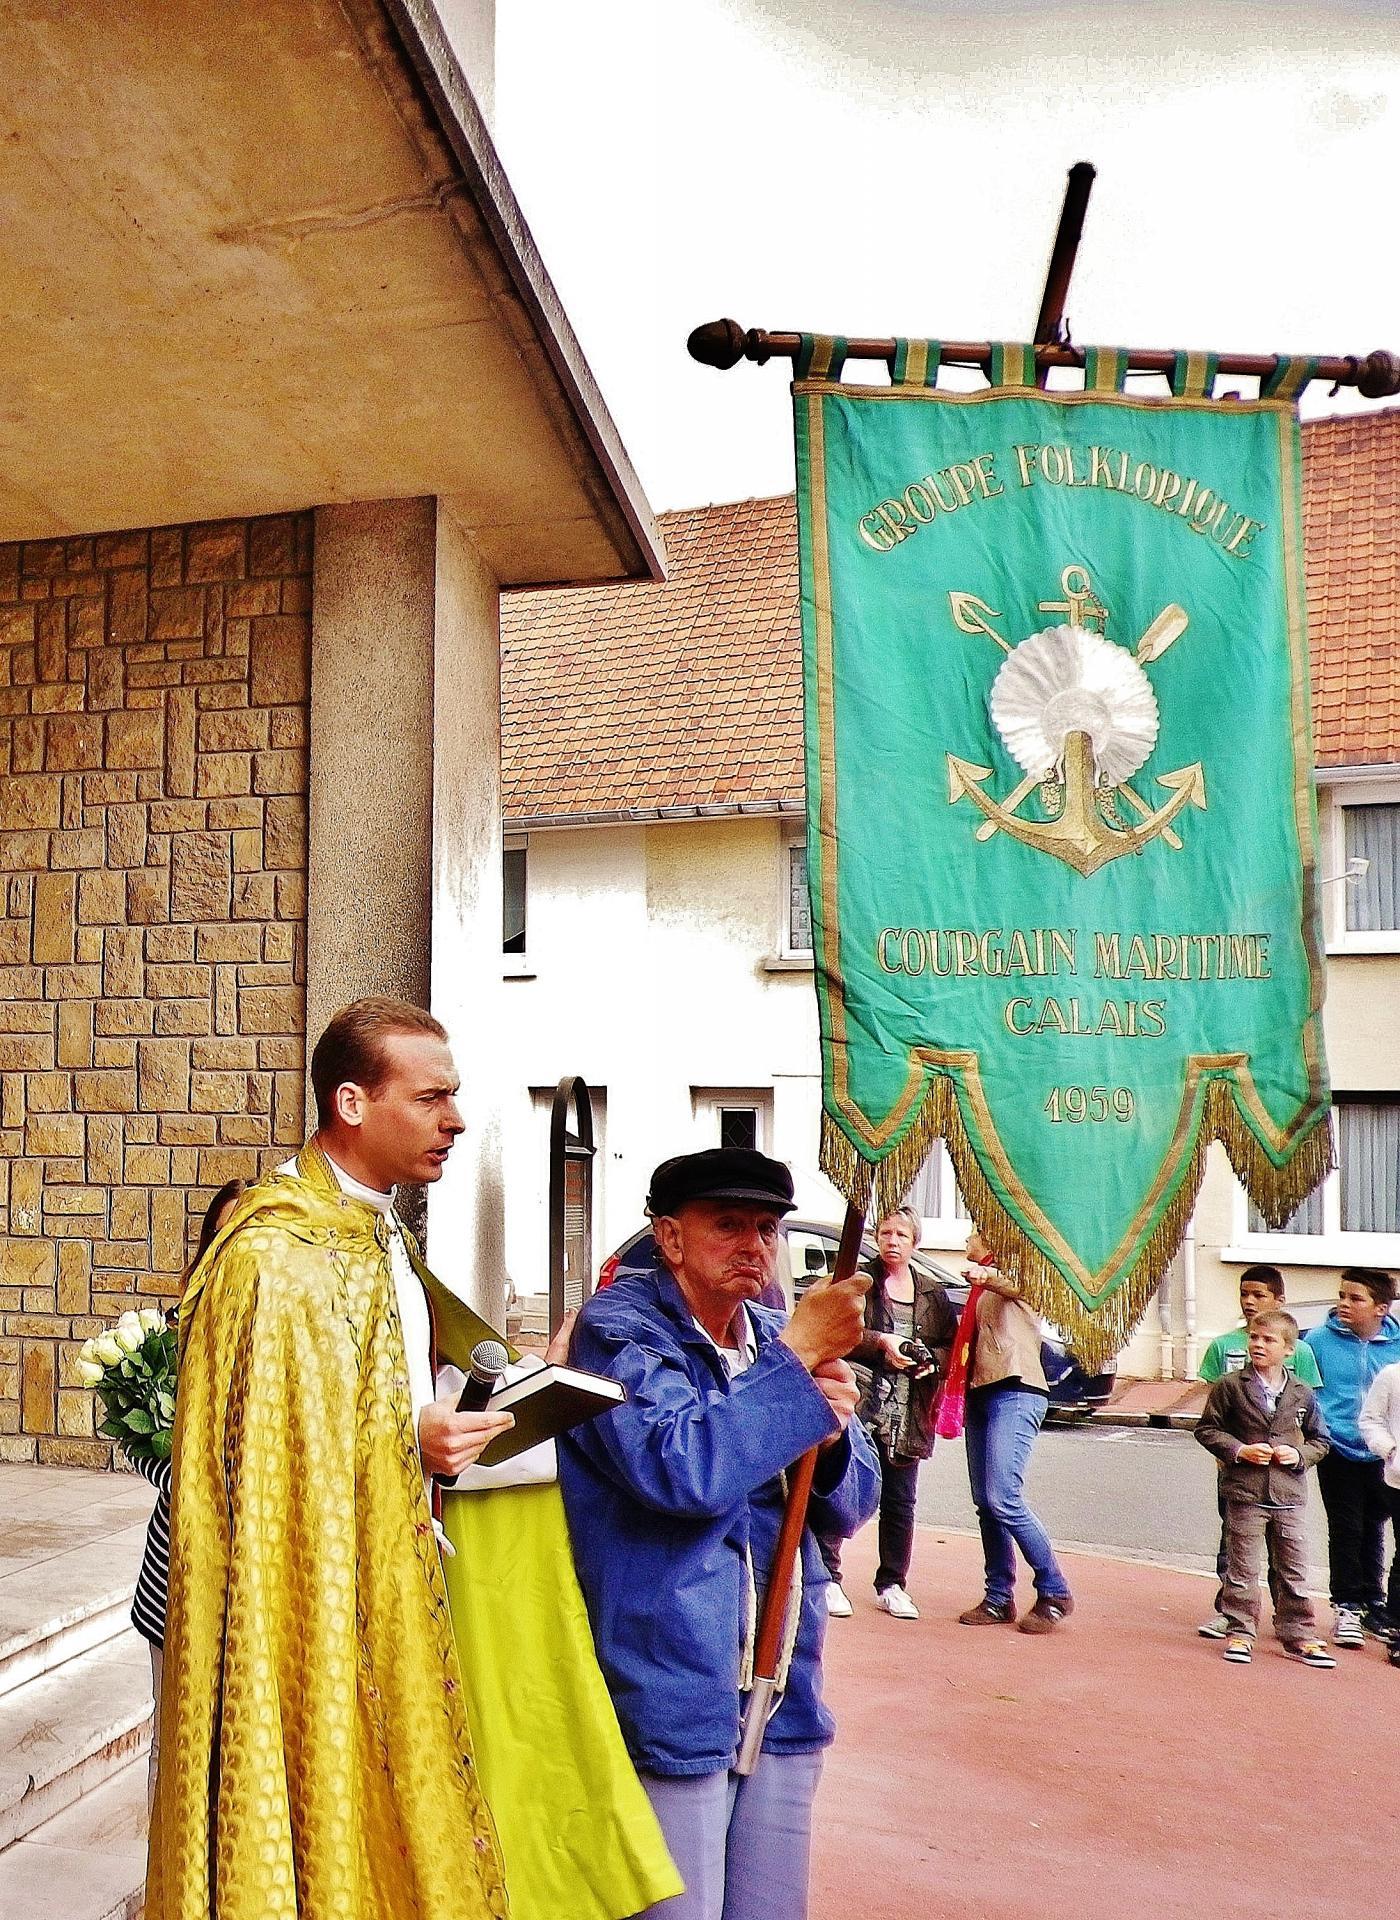 L abbe poidevin prend la tete du cortege lors des ceremonies de la benediction de la mer a calais courgain maritime 1